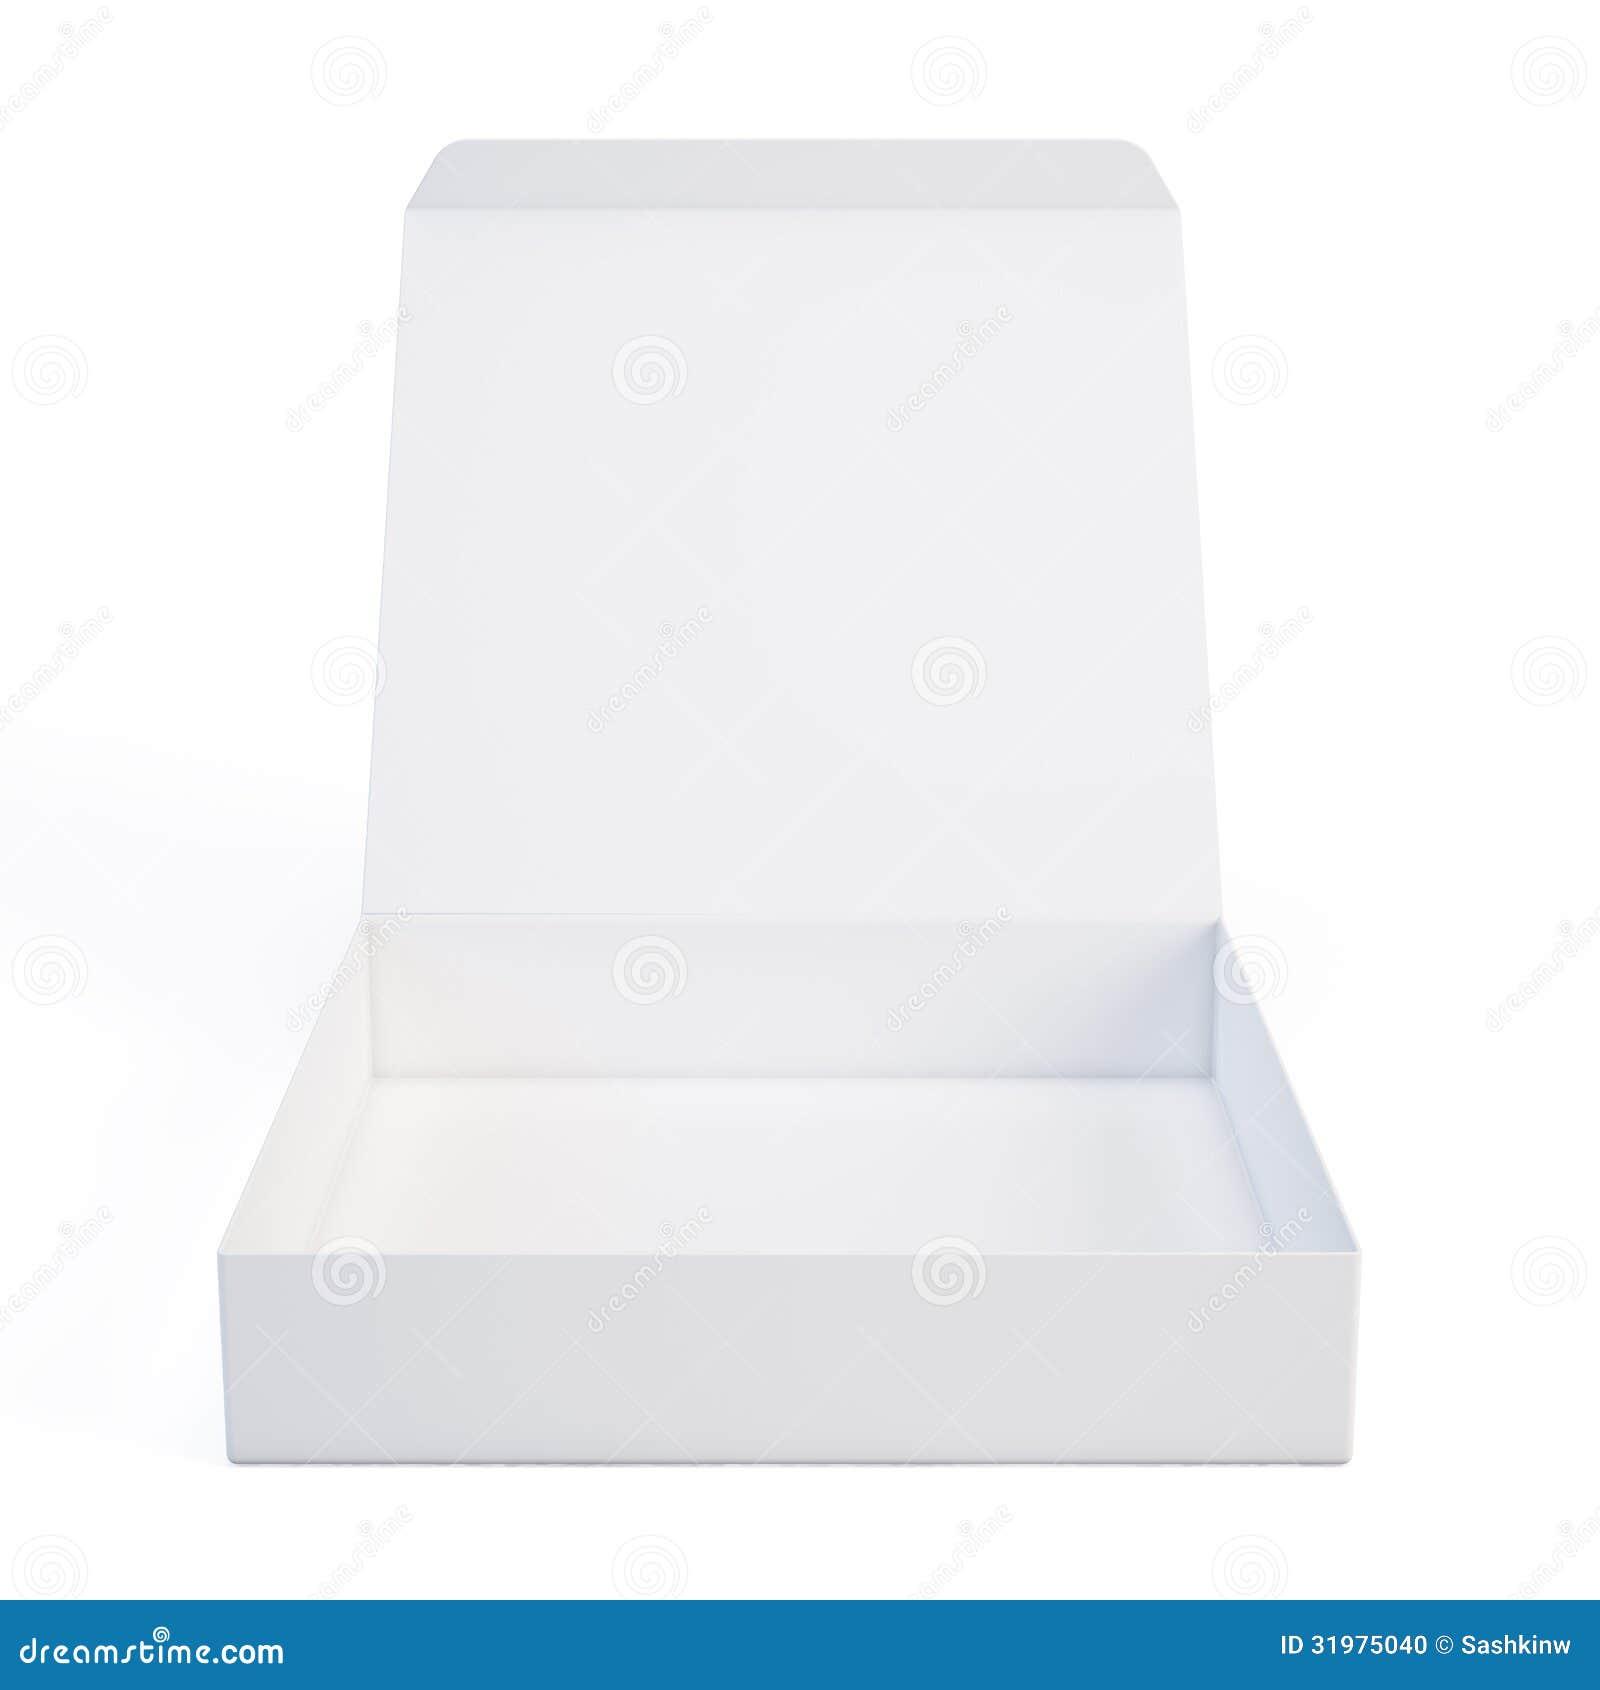 Open White Box Stock Photo - Image: 31975040